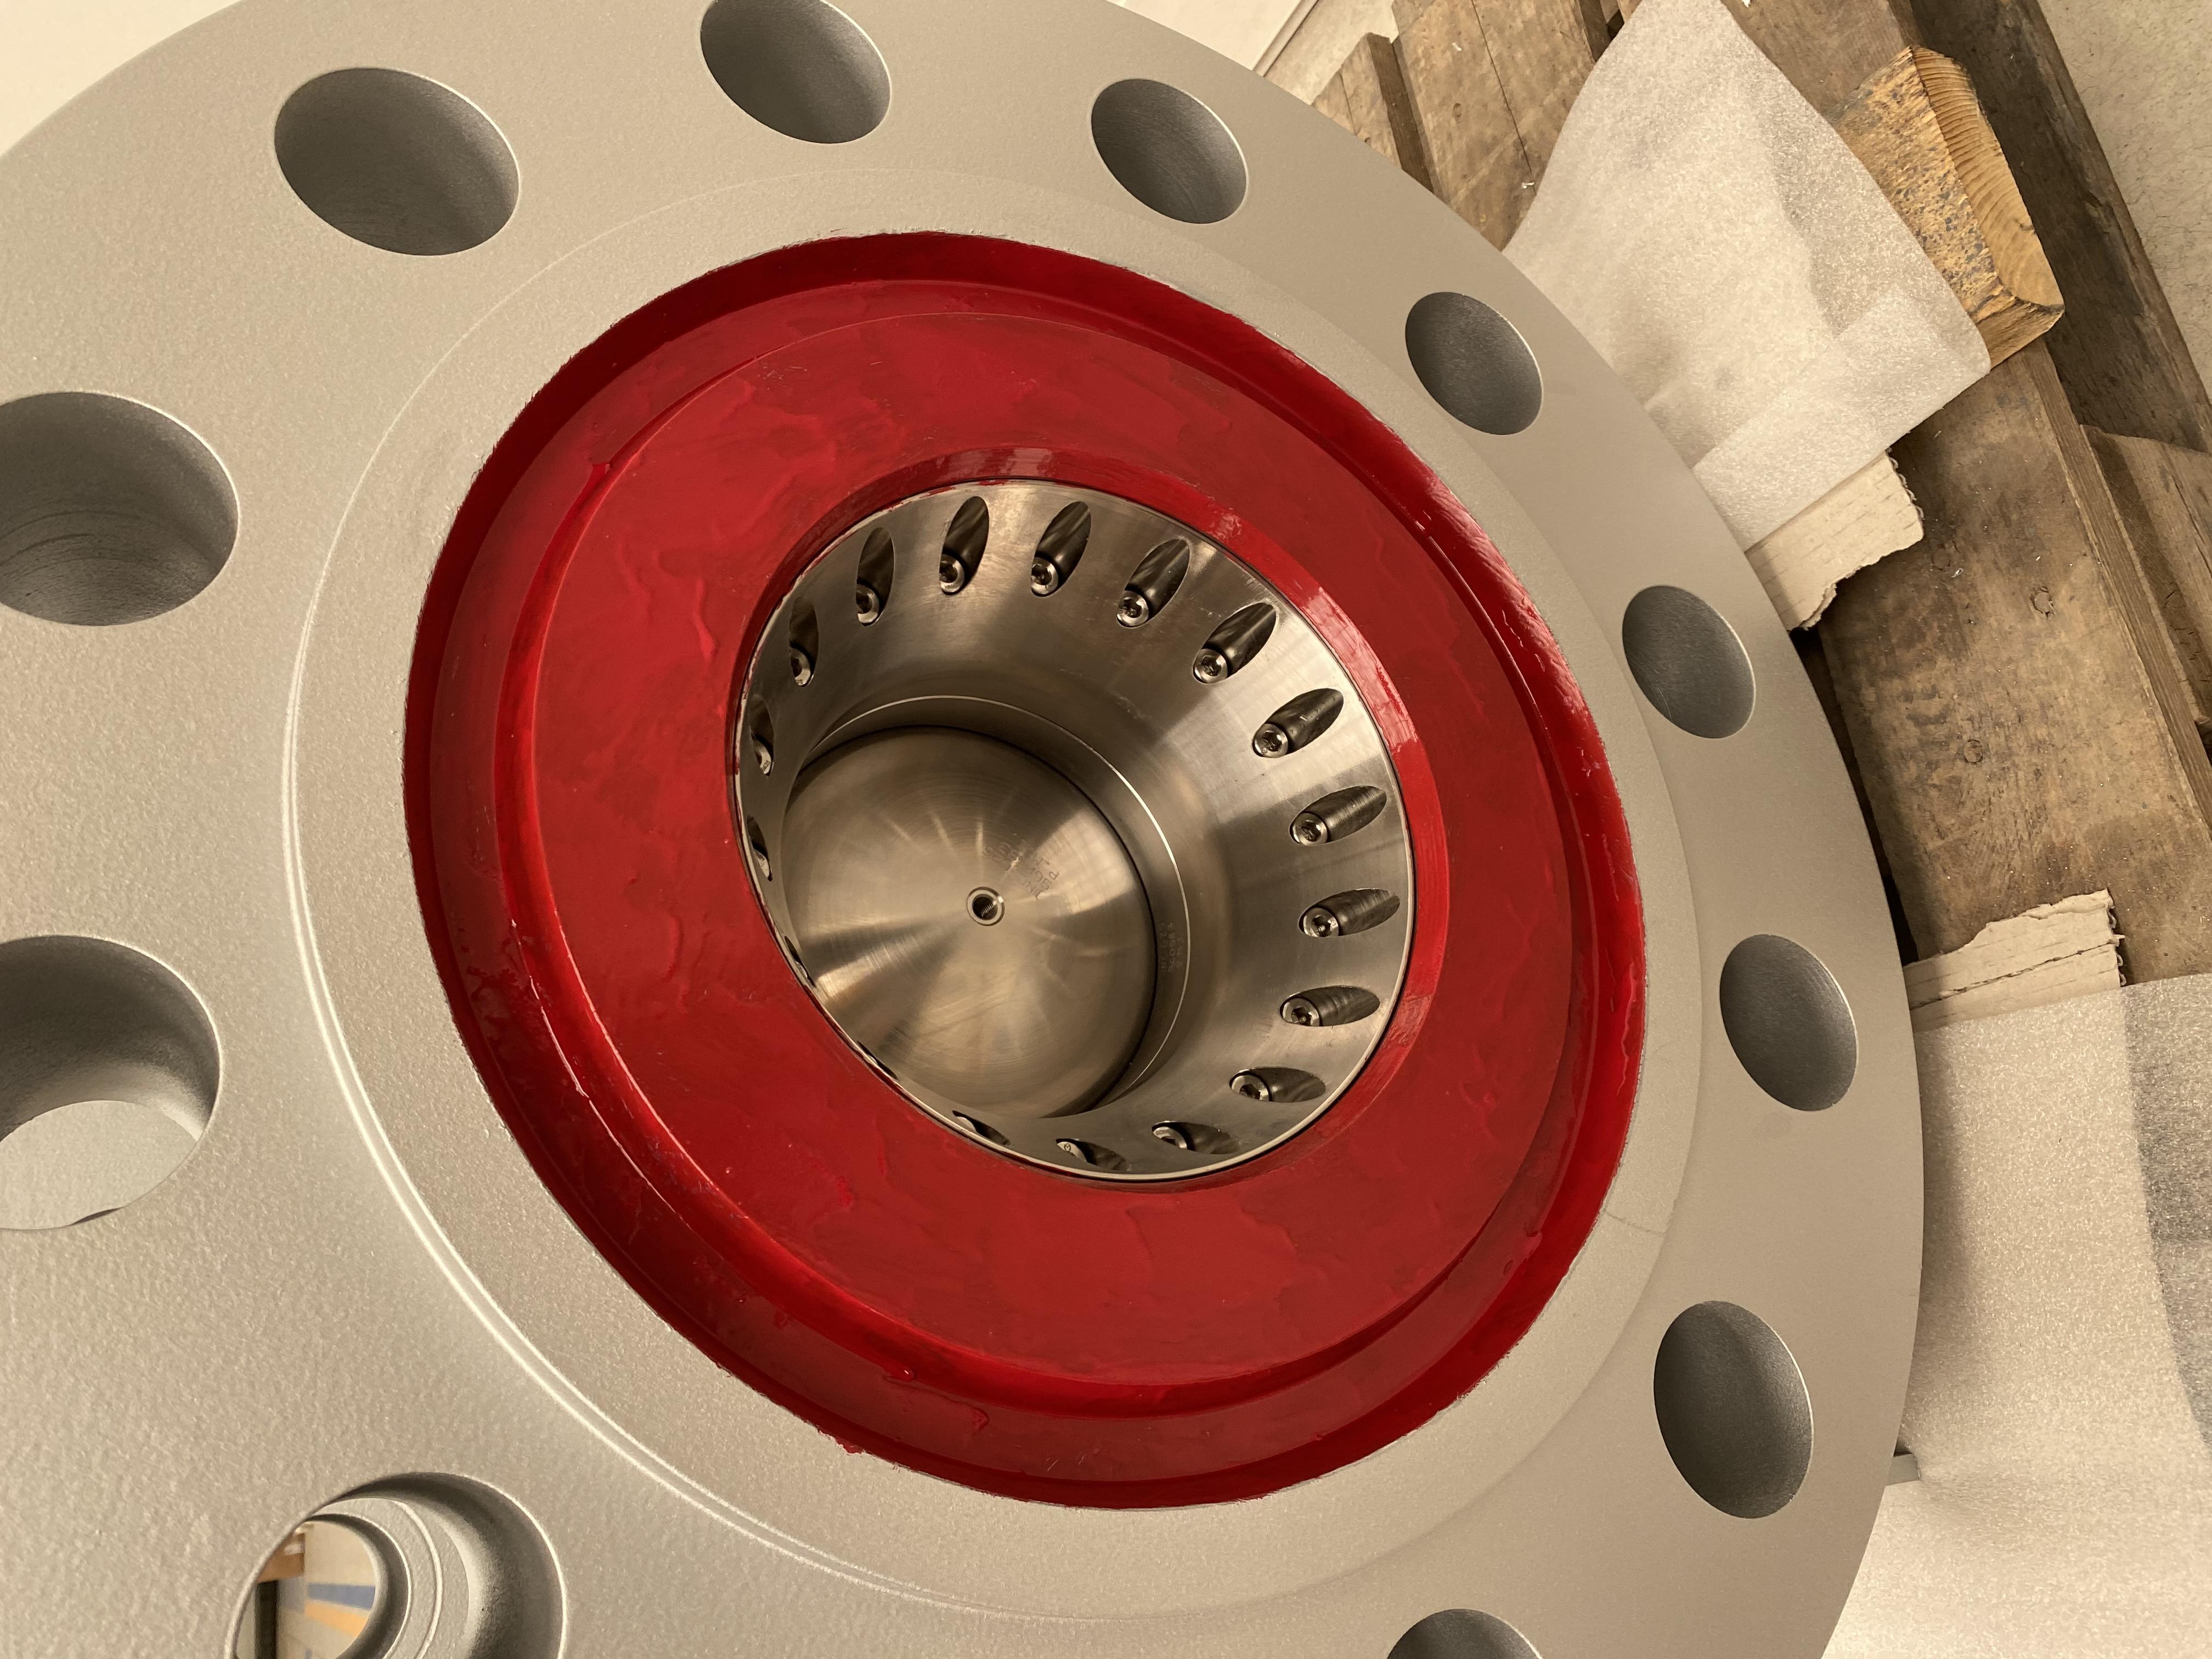 200173 KPO Non Slam Nozzle Check 12 inch 2500 (3)